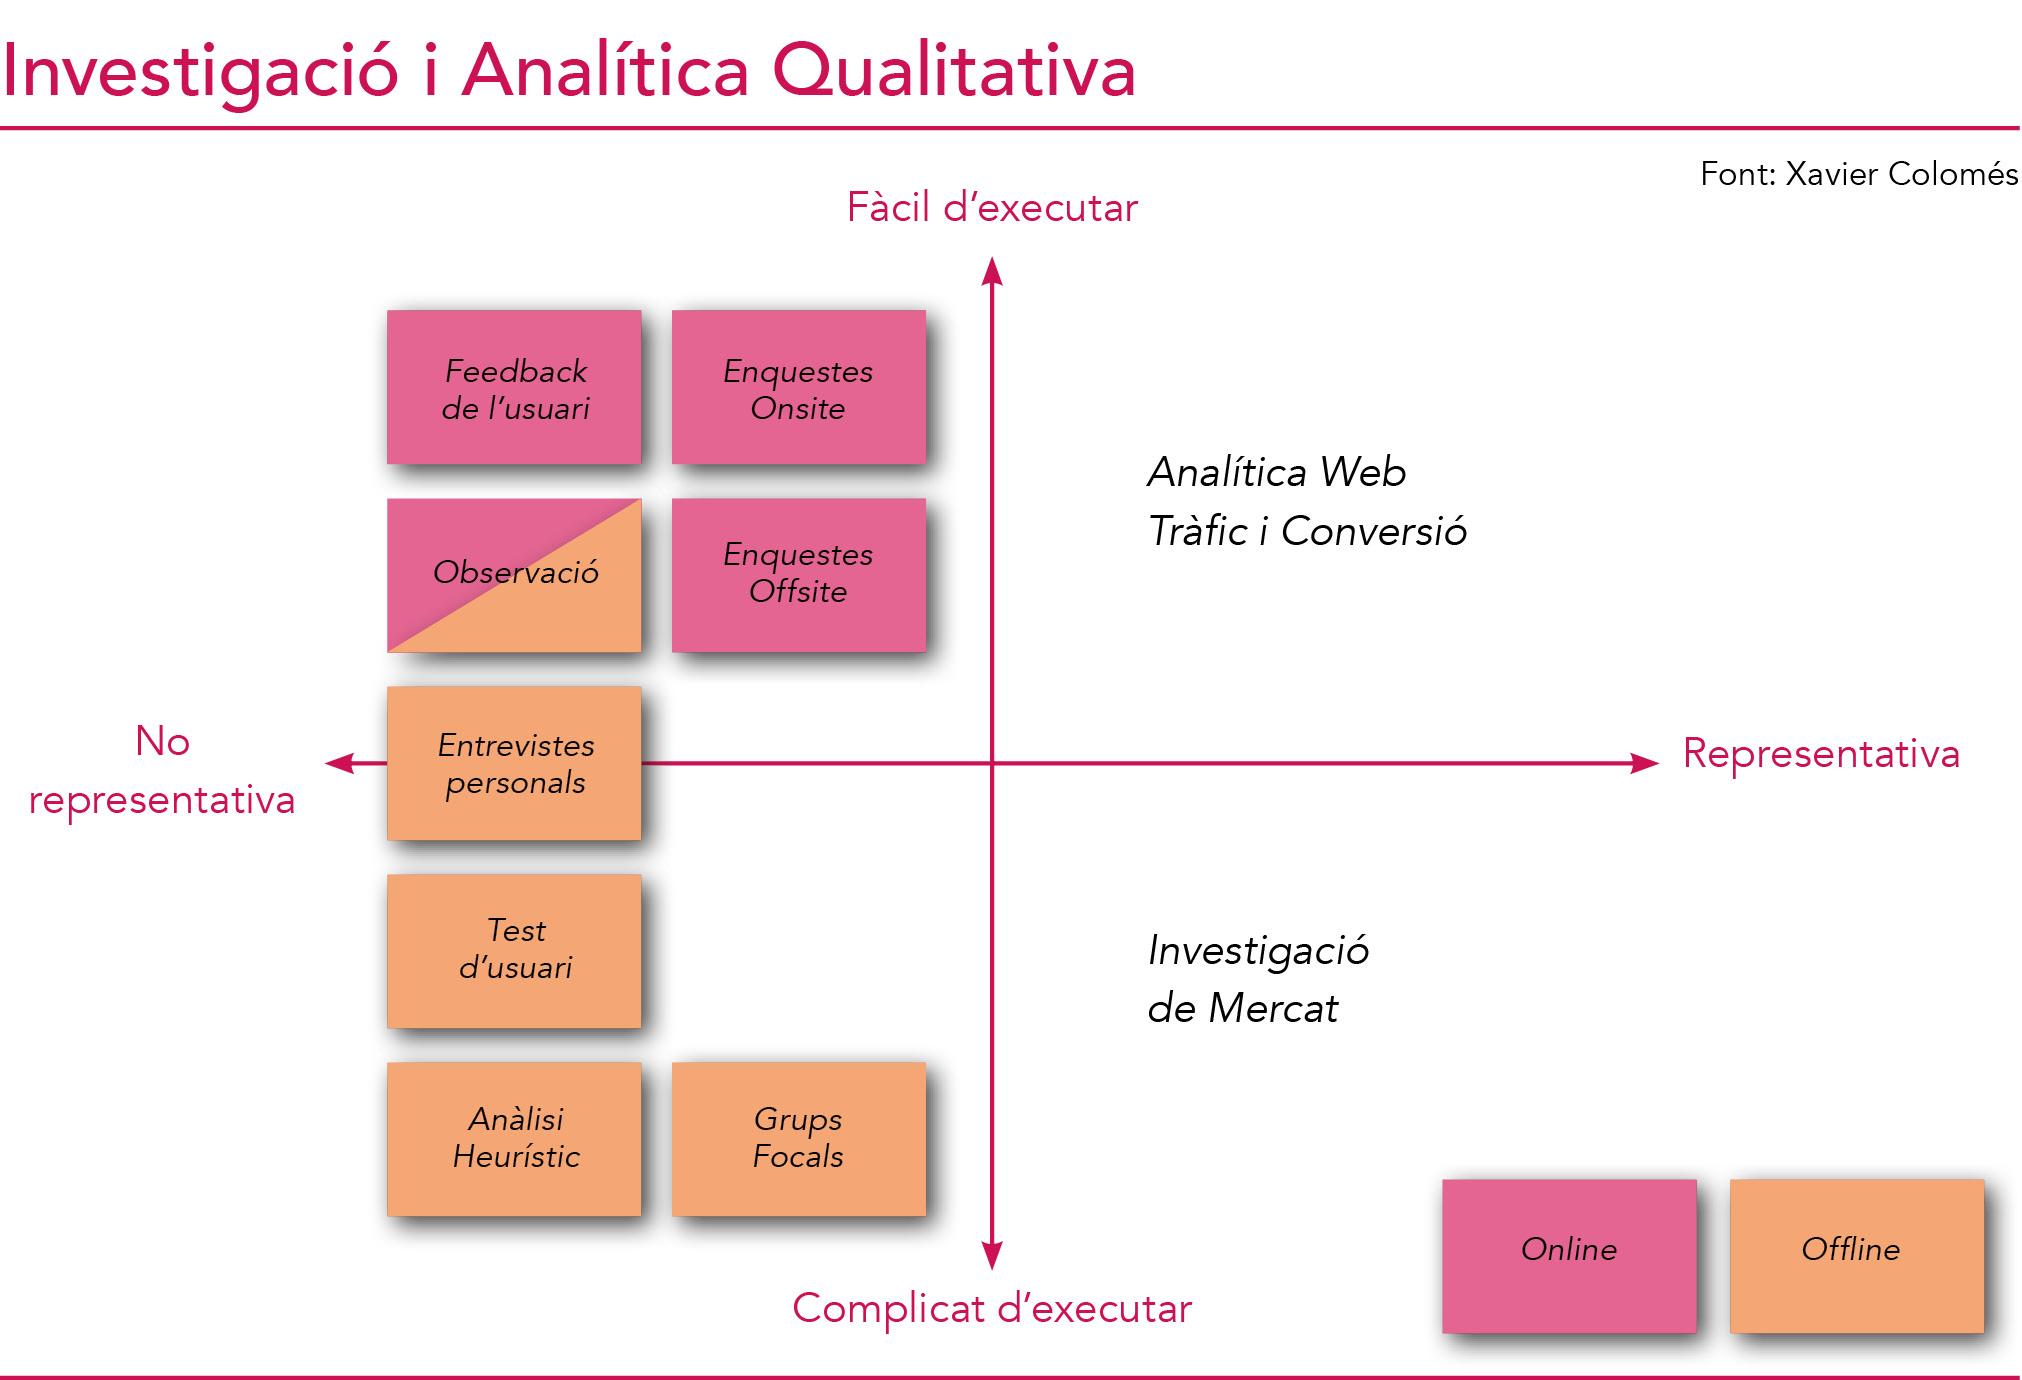 Gràfica Investigació i Analítica Qualitativa